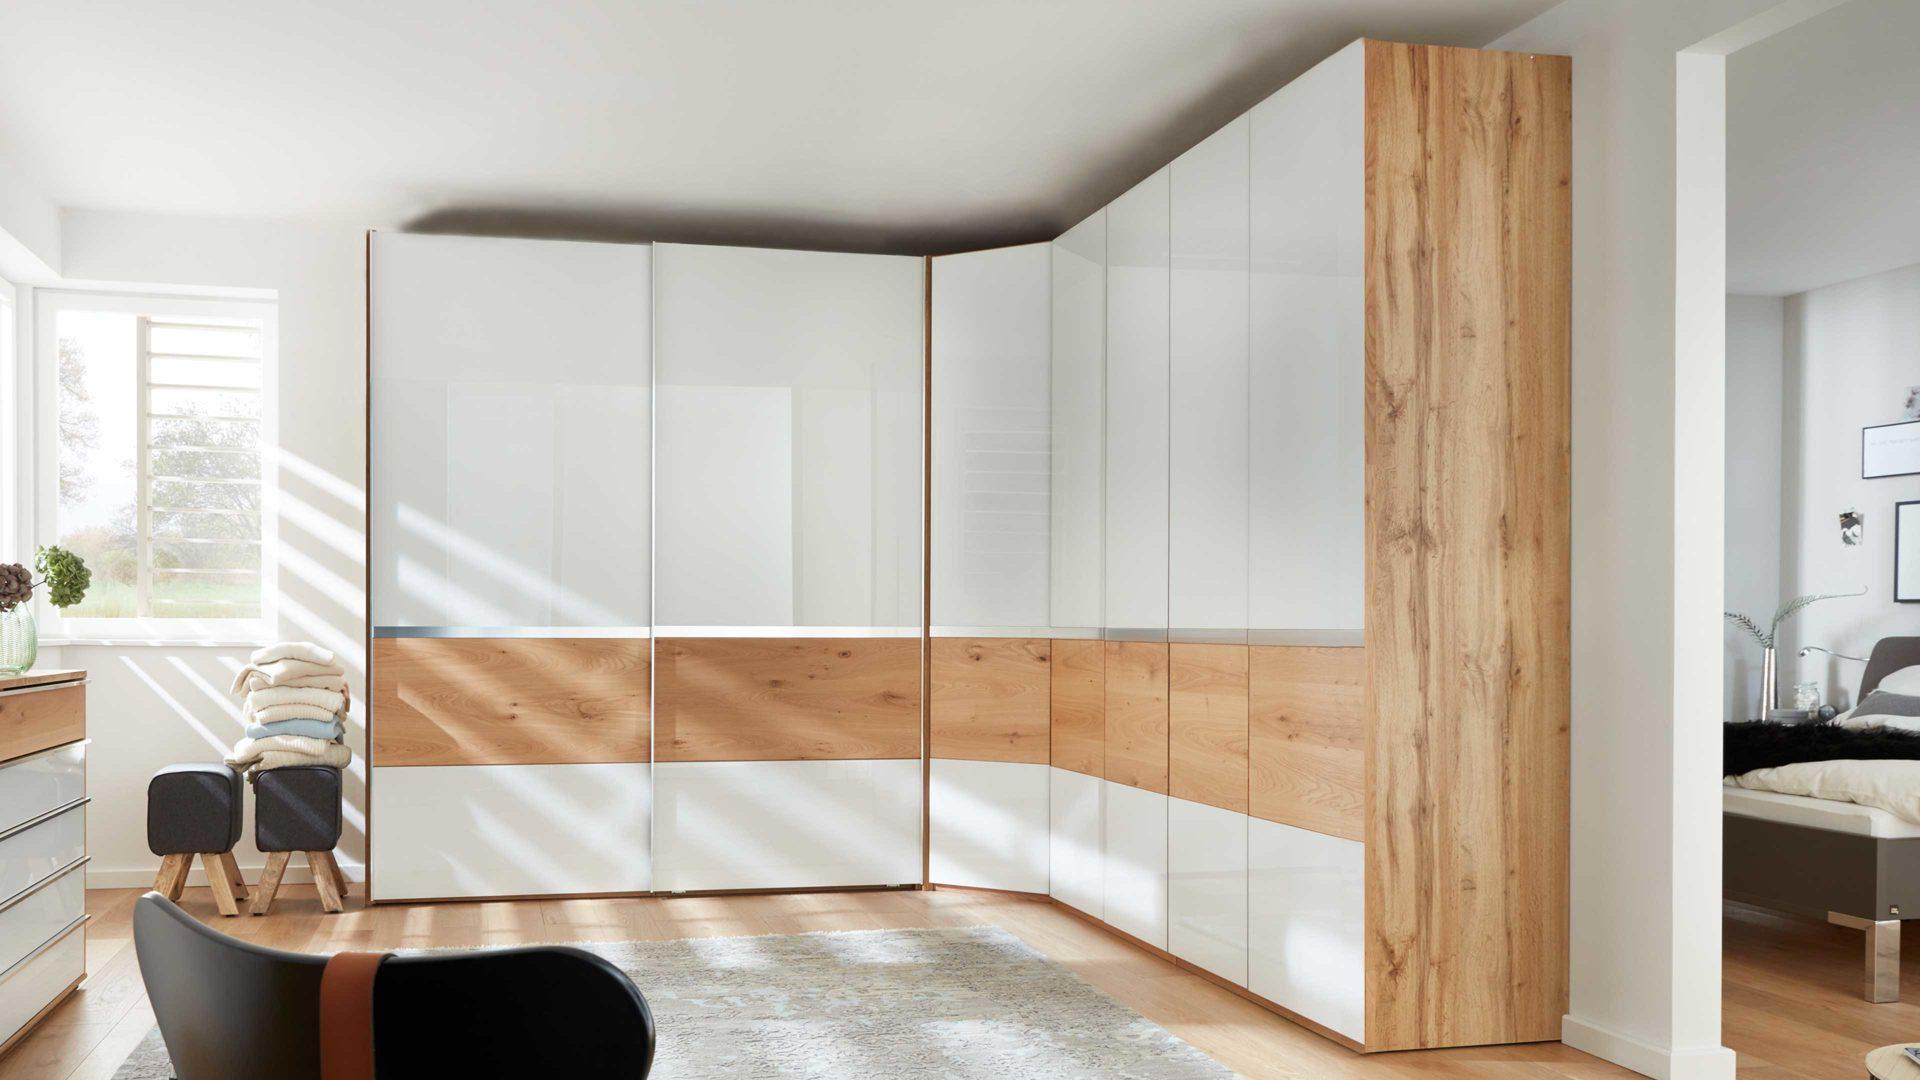 Interliving Schlafzimmer Serie 1202 Eckschrankkombination